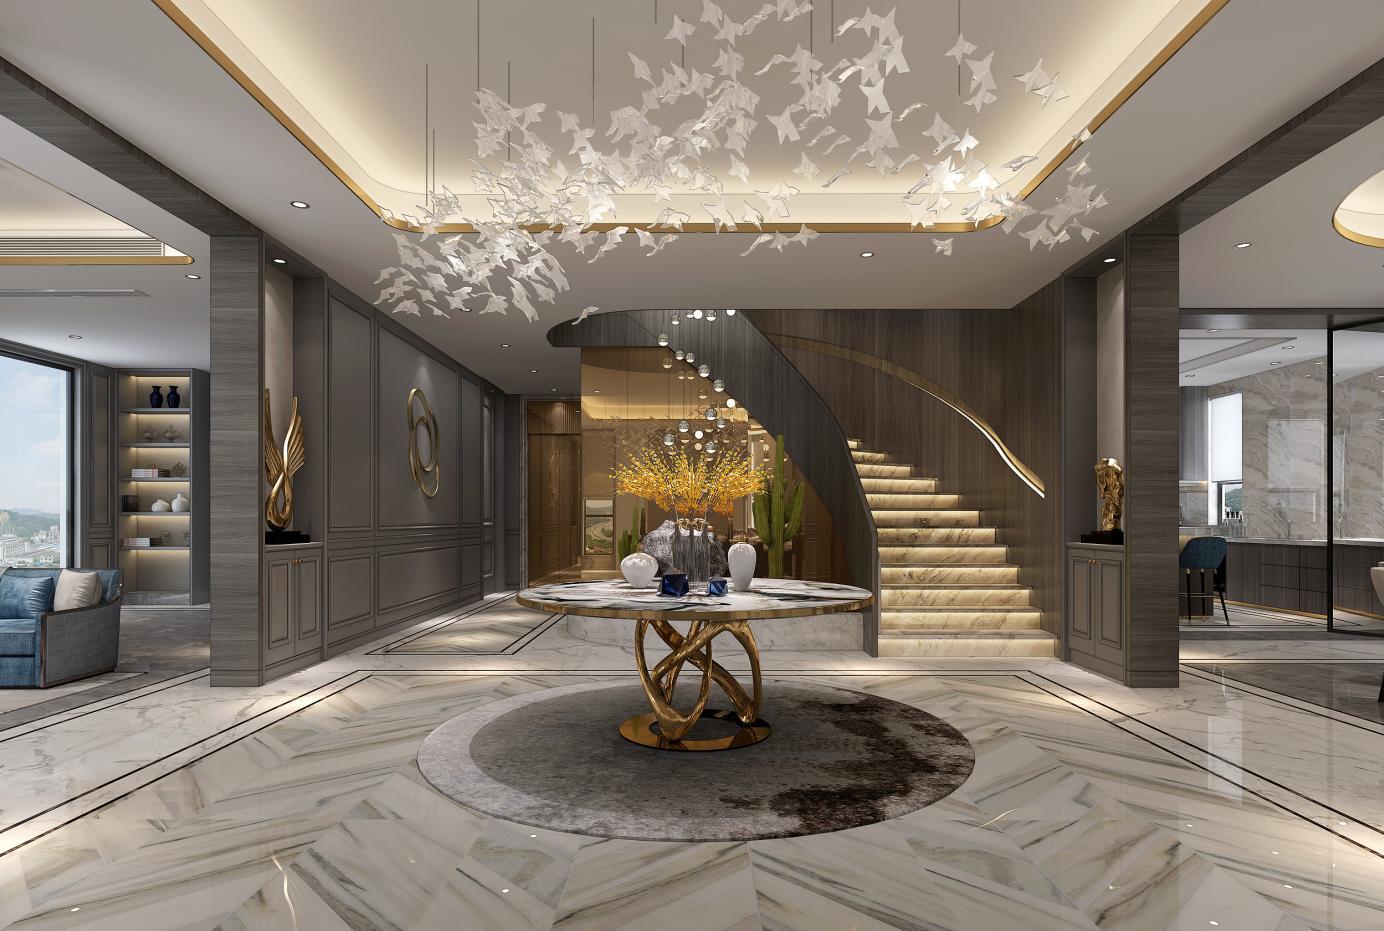 乔爱庄园 别墅装修 欧式风格 腾龙设计 客厅图片来自孔继民在乔爱庄园别墅装修欧式风格设计的分享